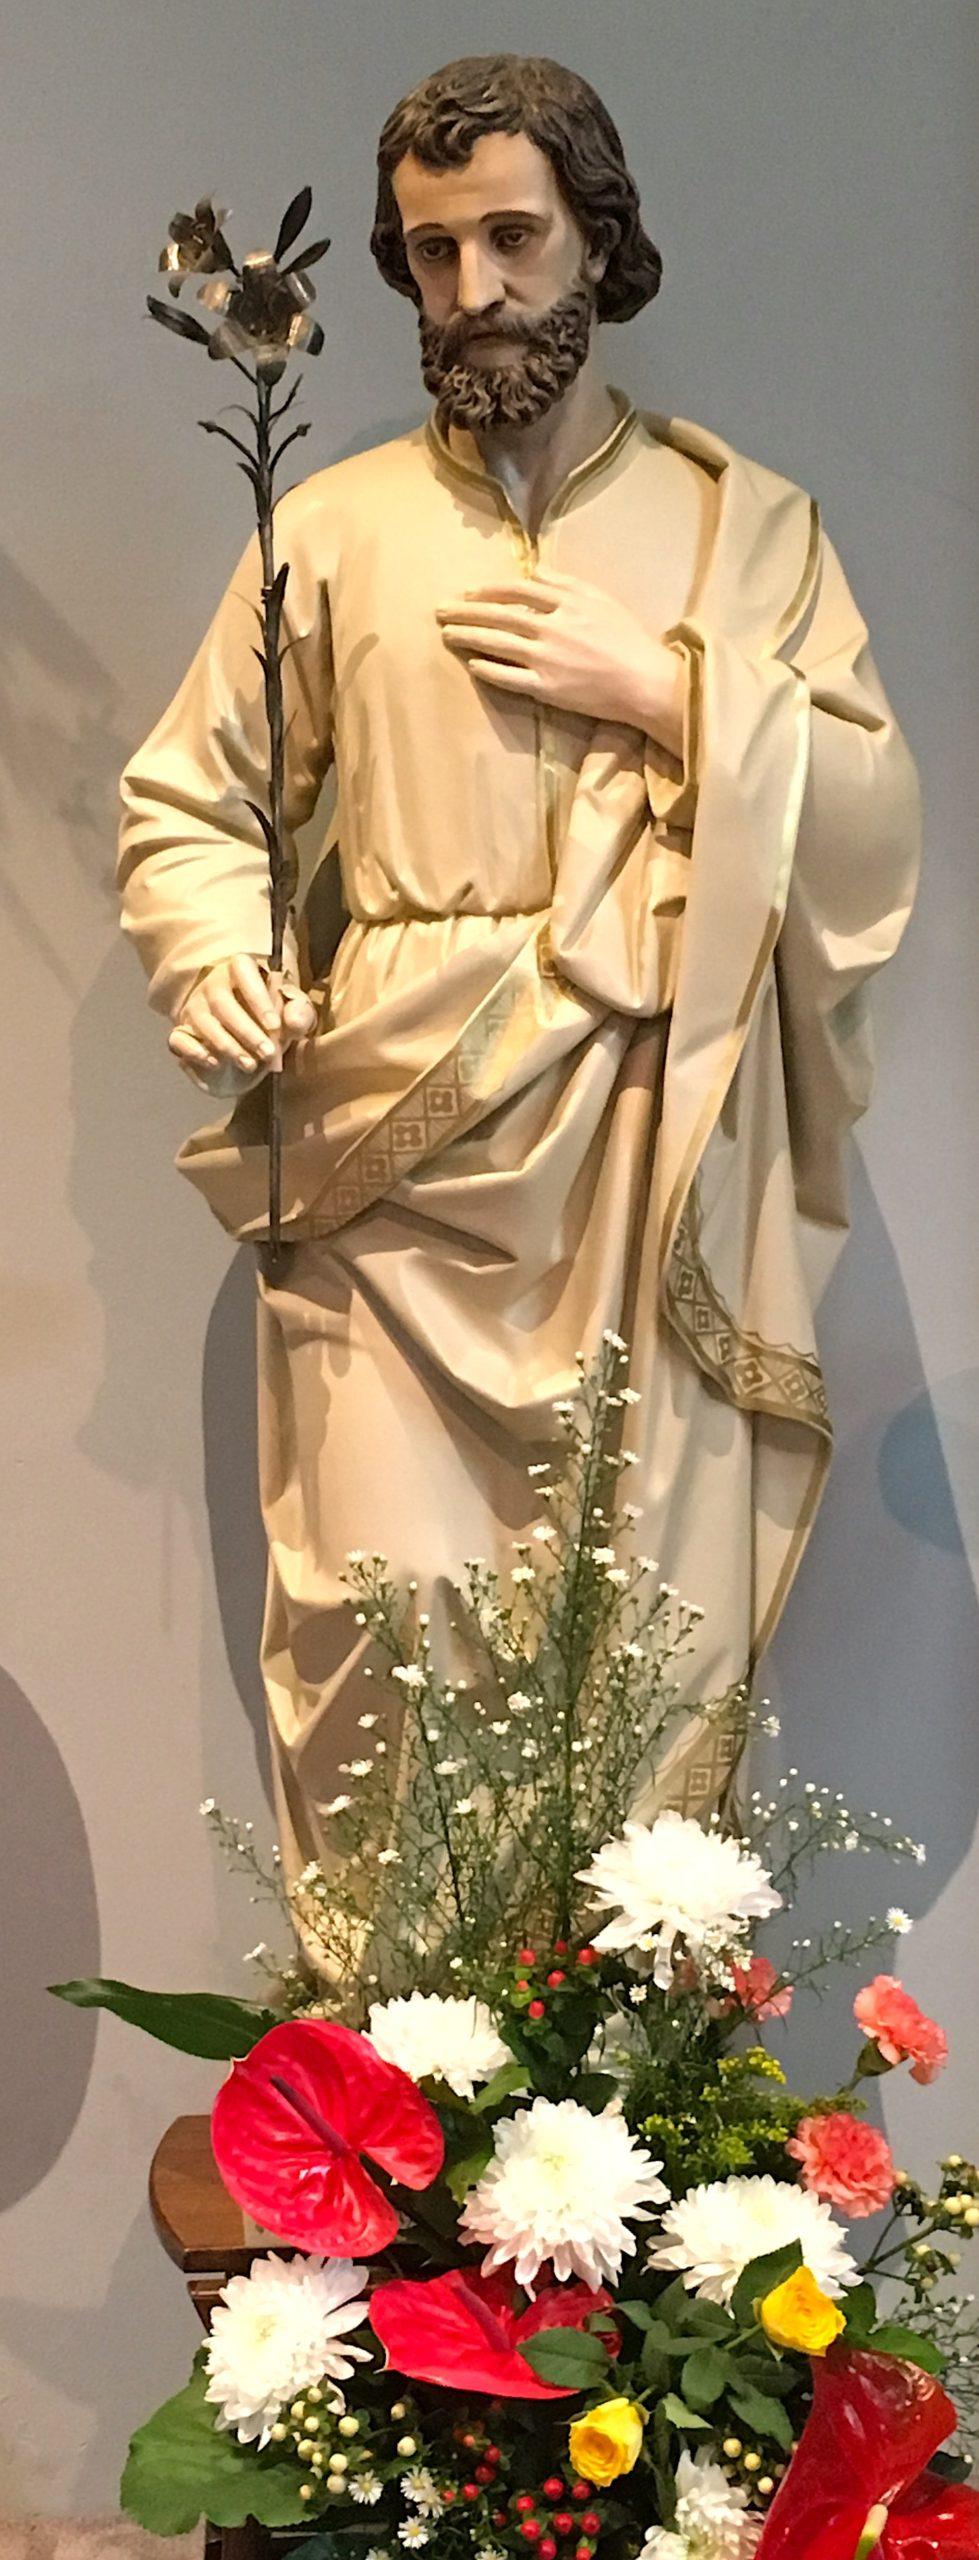 H Jozef op zijn feestdag in de bloemetjes